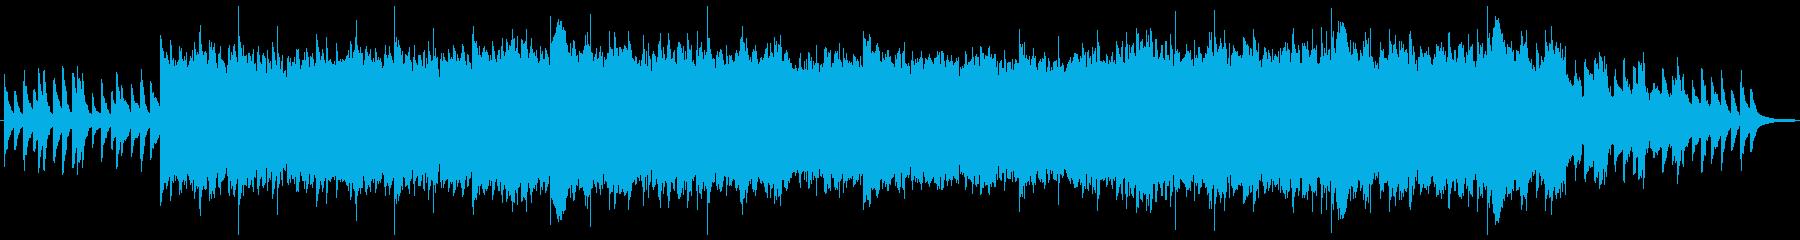 04 BEAUTIFUL PIANOの再生済みの波形